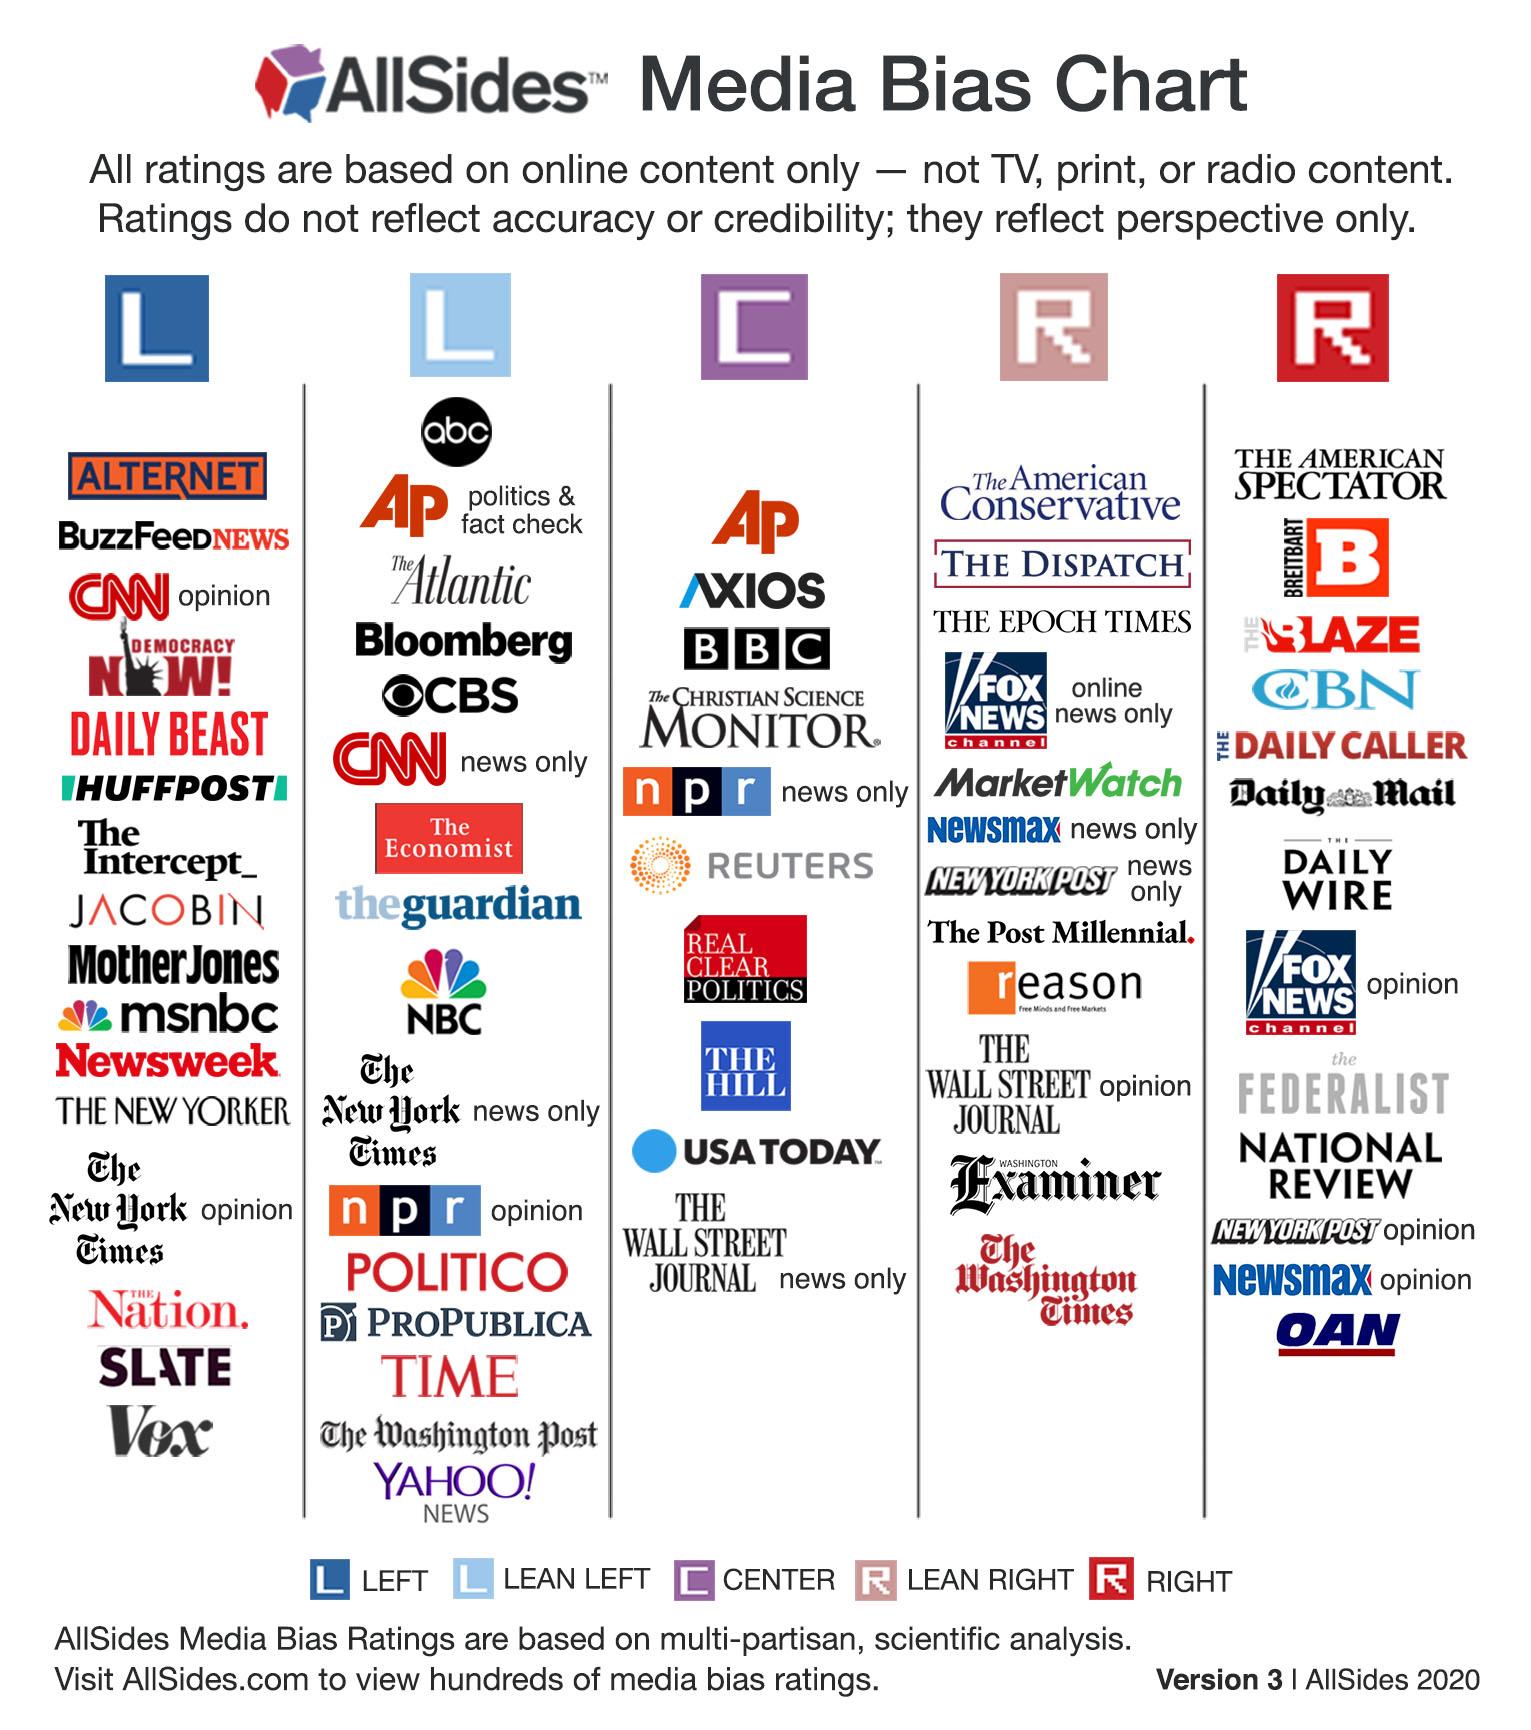 AllSides Media Bias Chart Version 3, 2020